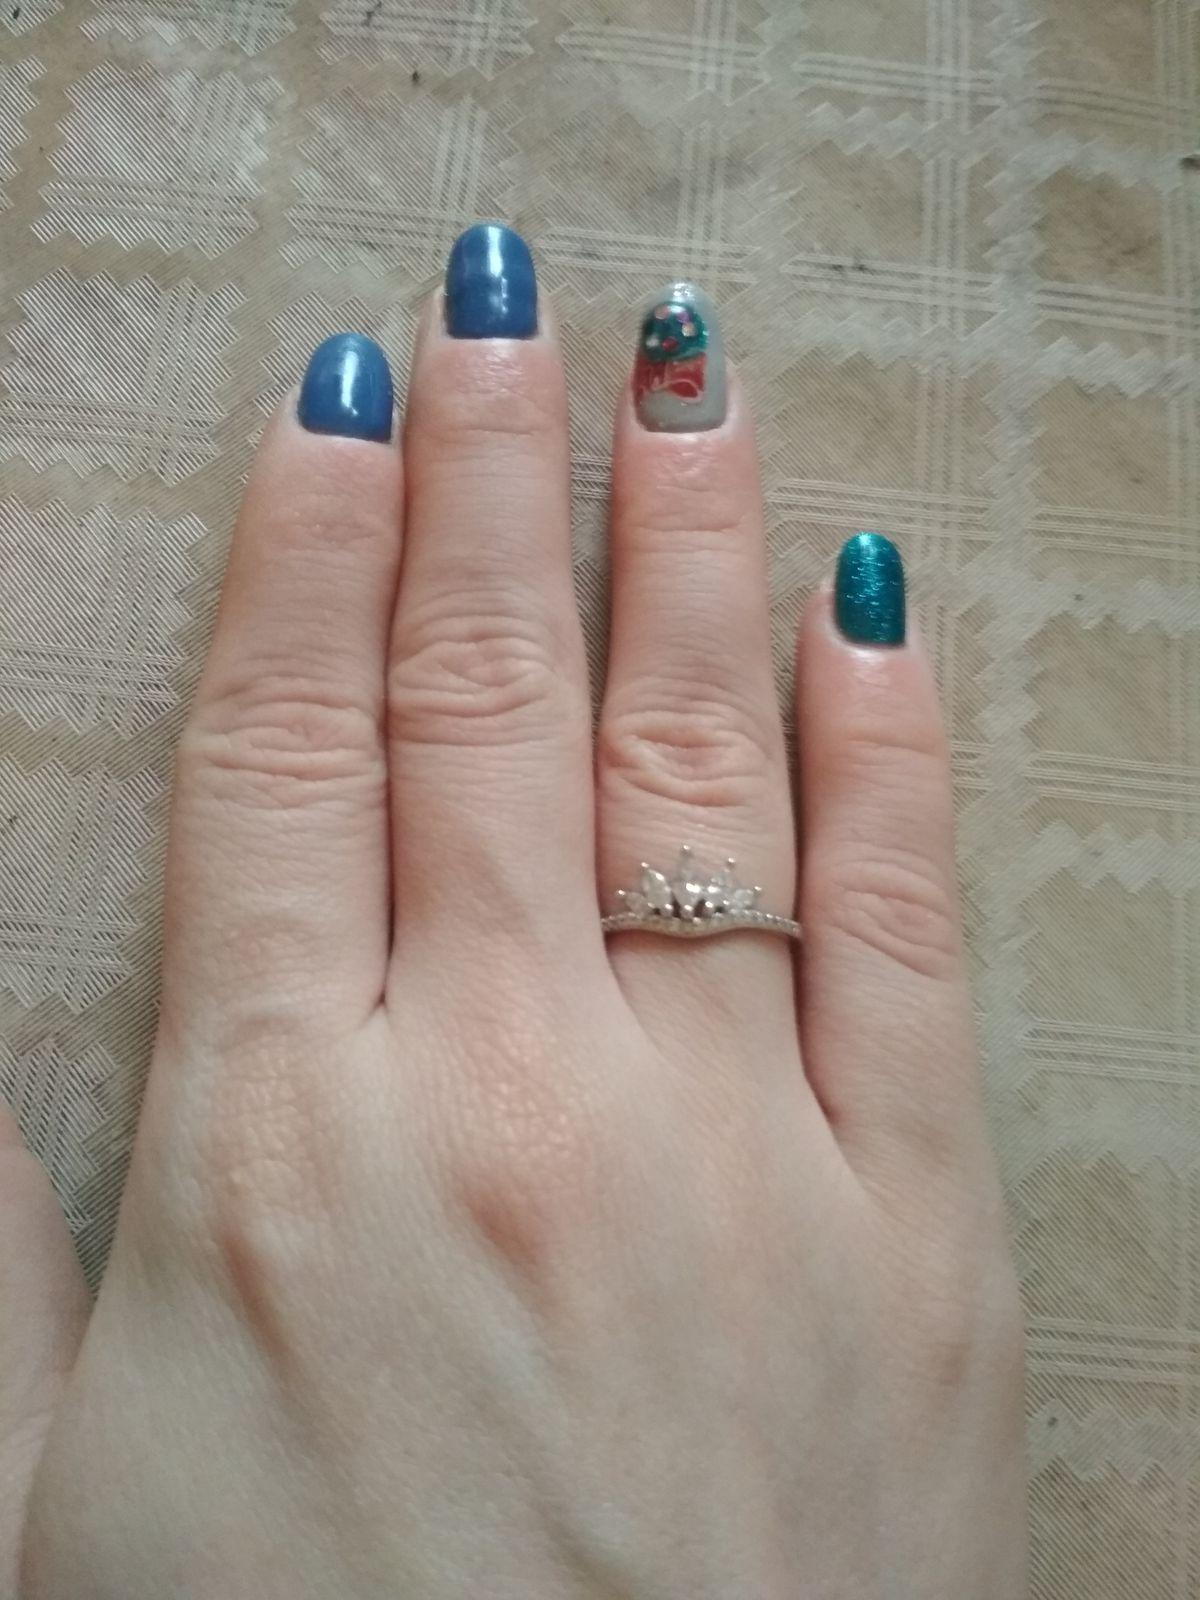 Рекомендую девочки)Очень симпатичное и выглядит на пальце просто прекрасно